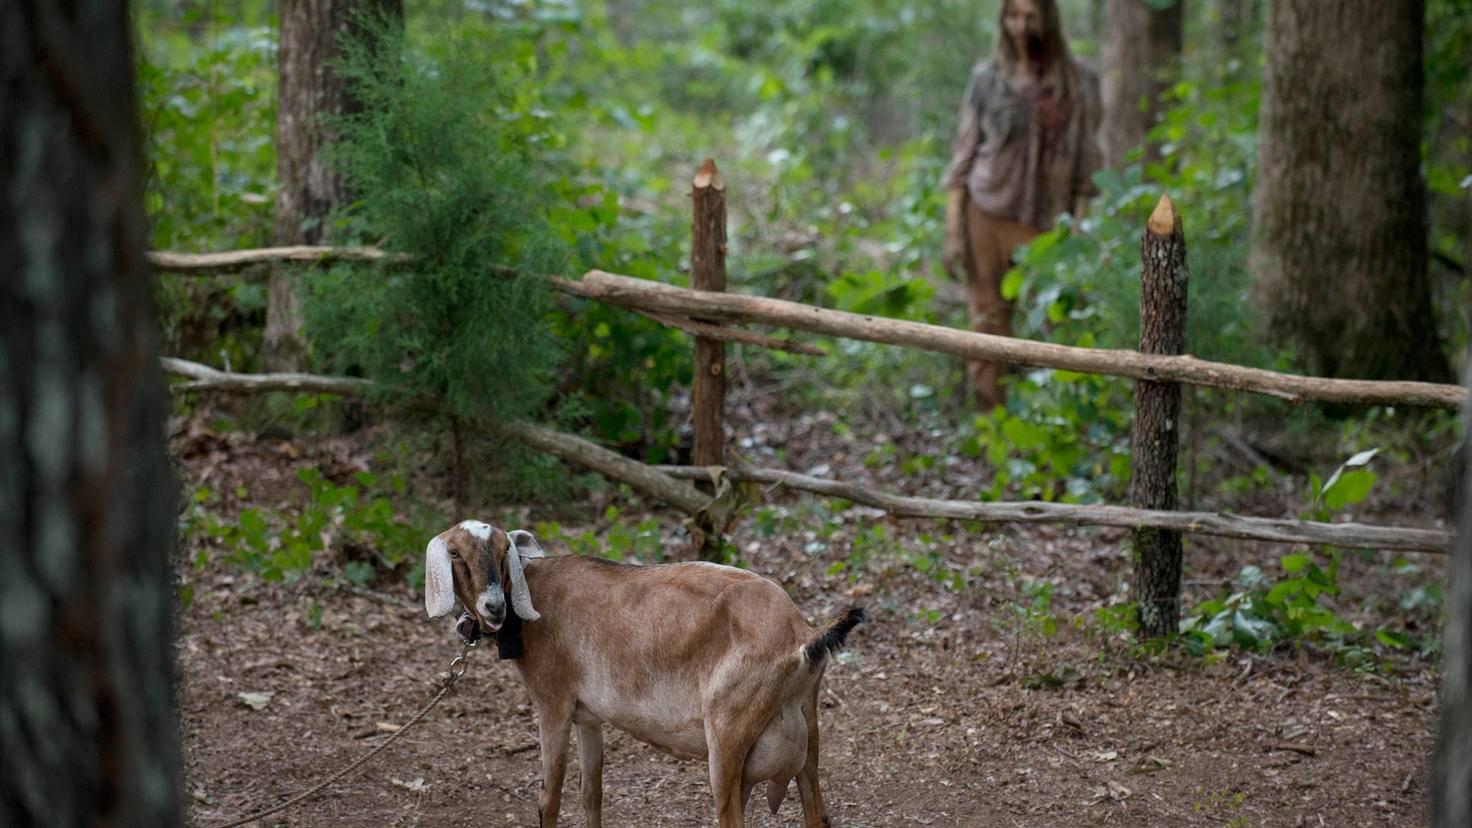 The Walking Dead_Gene Page-AMC-